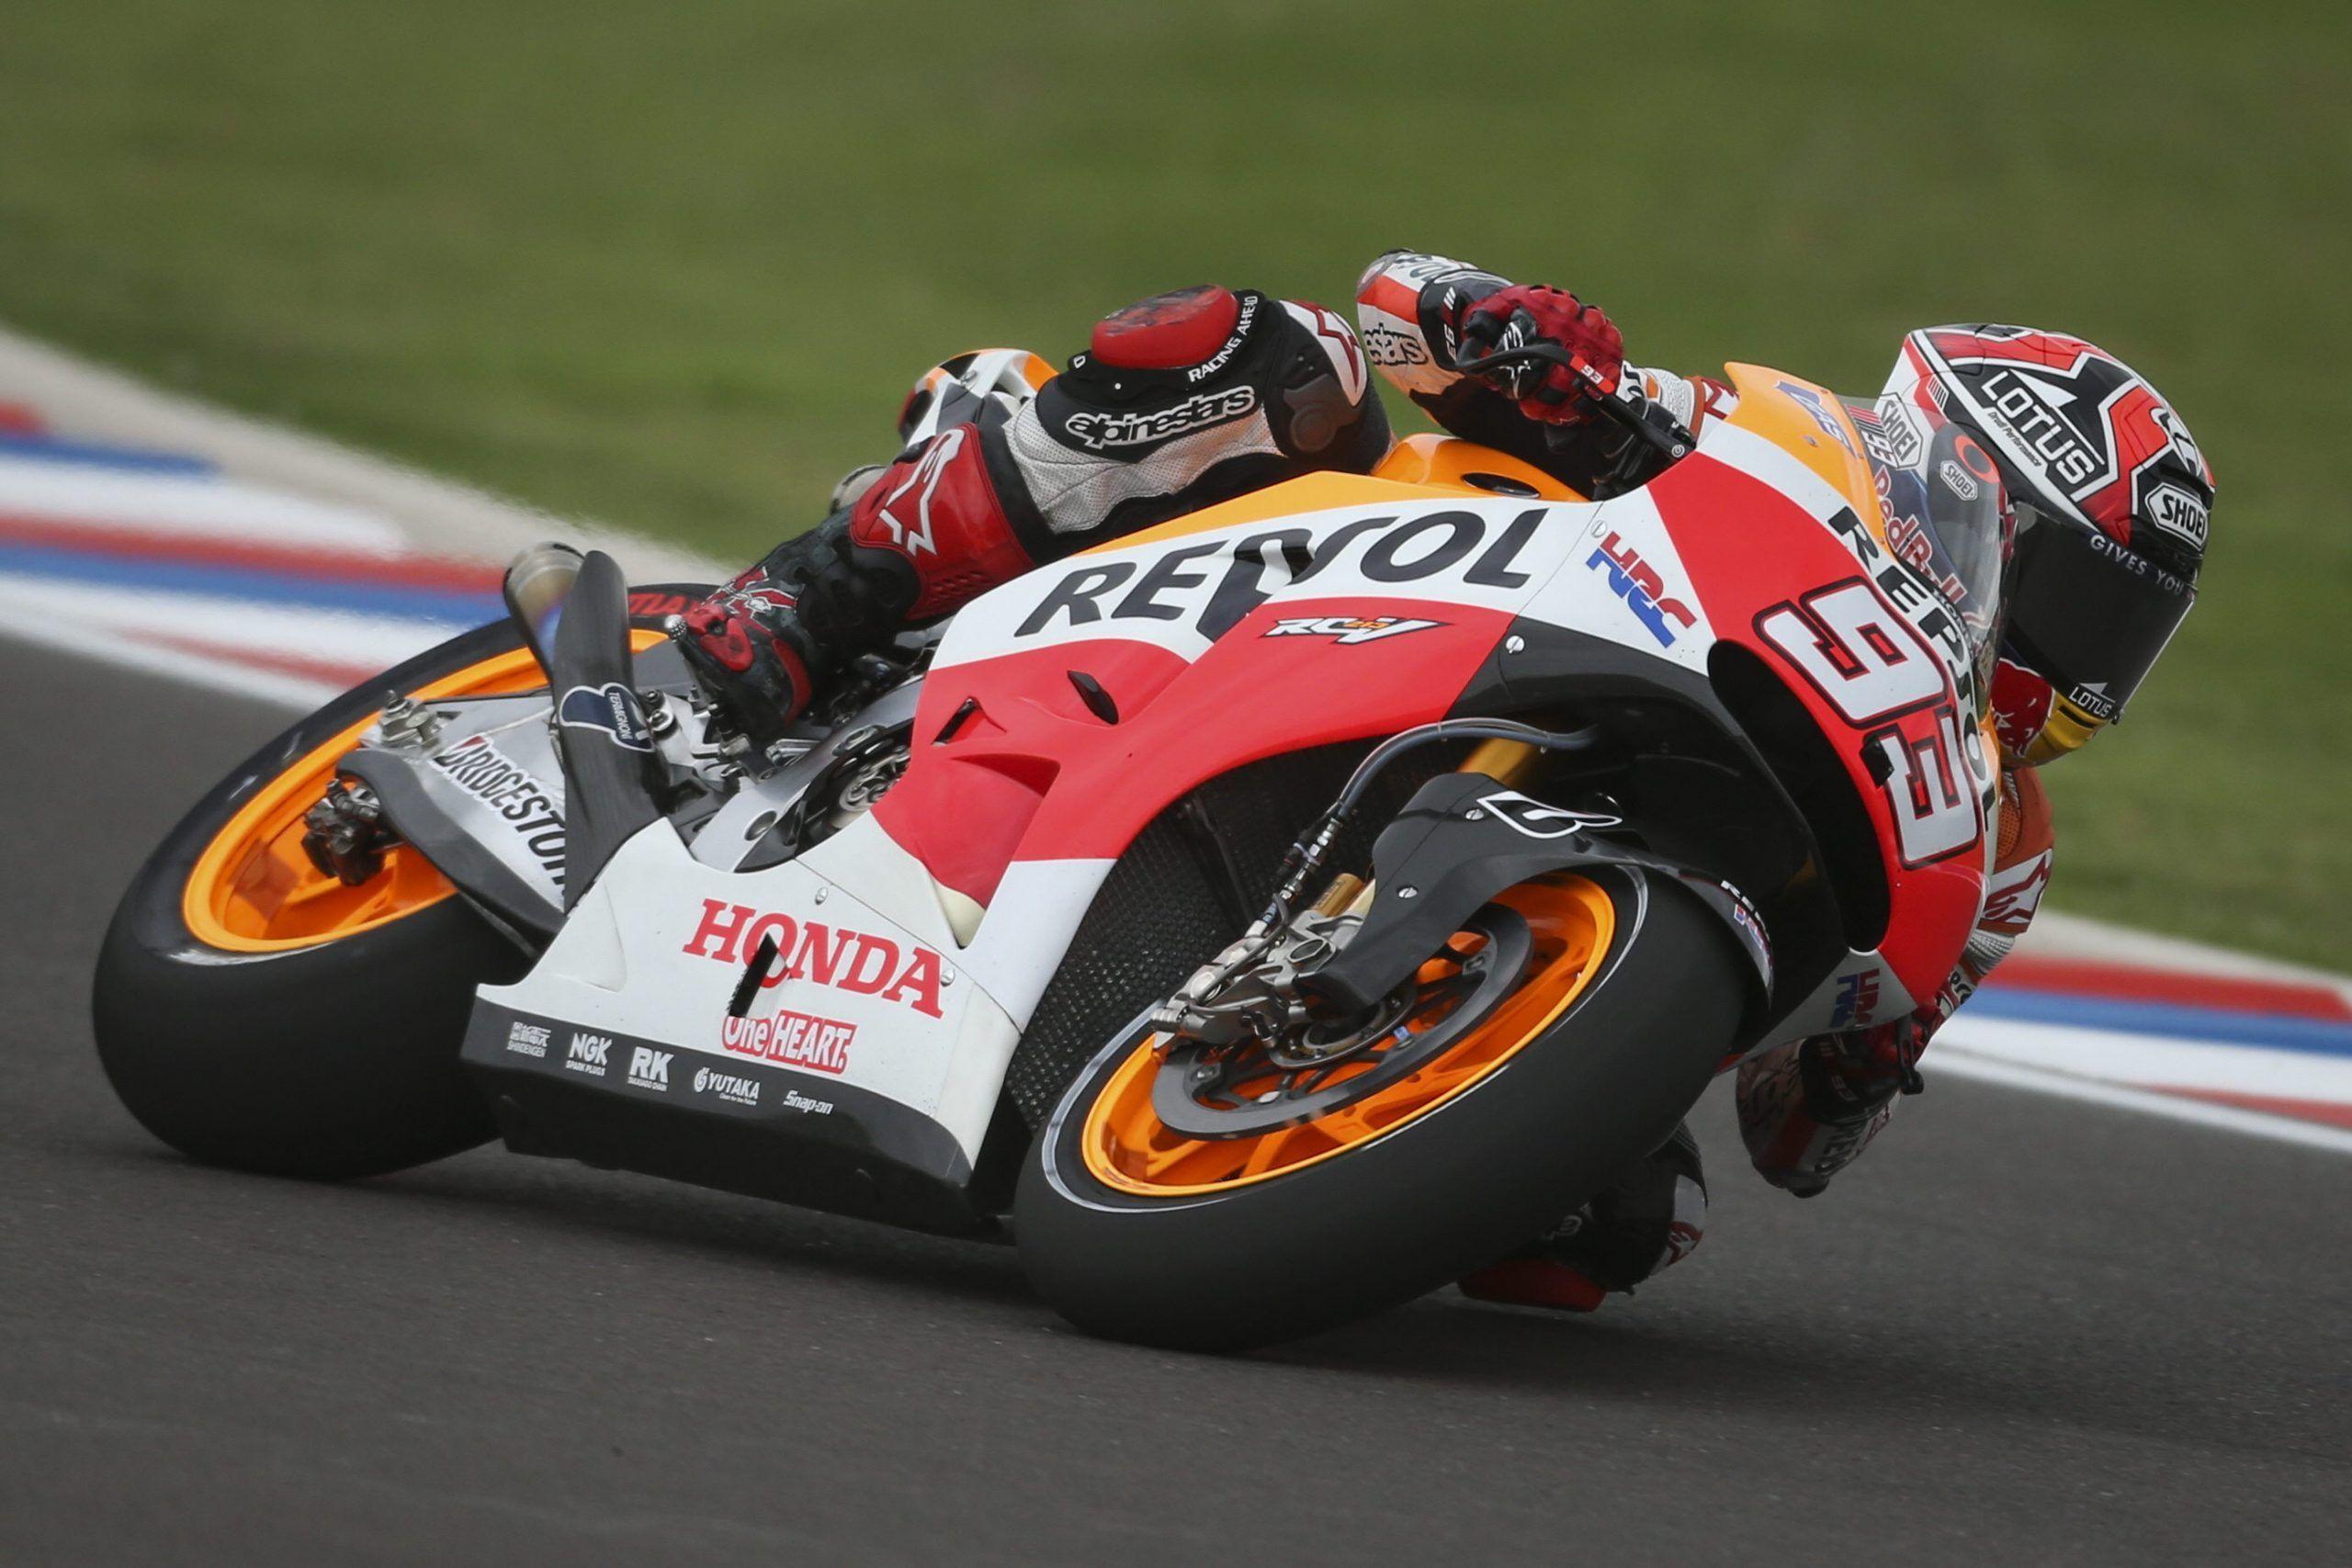 MotoGP Argentina 2014, gara: Marquez vince ancora. Rossi 4°